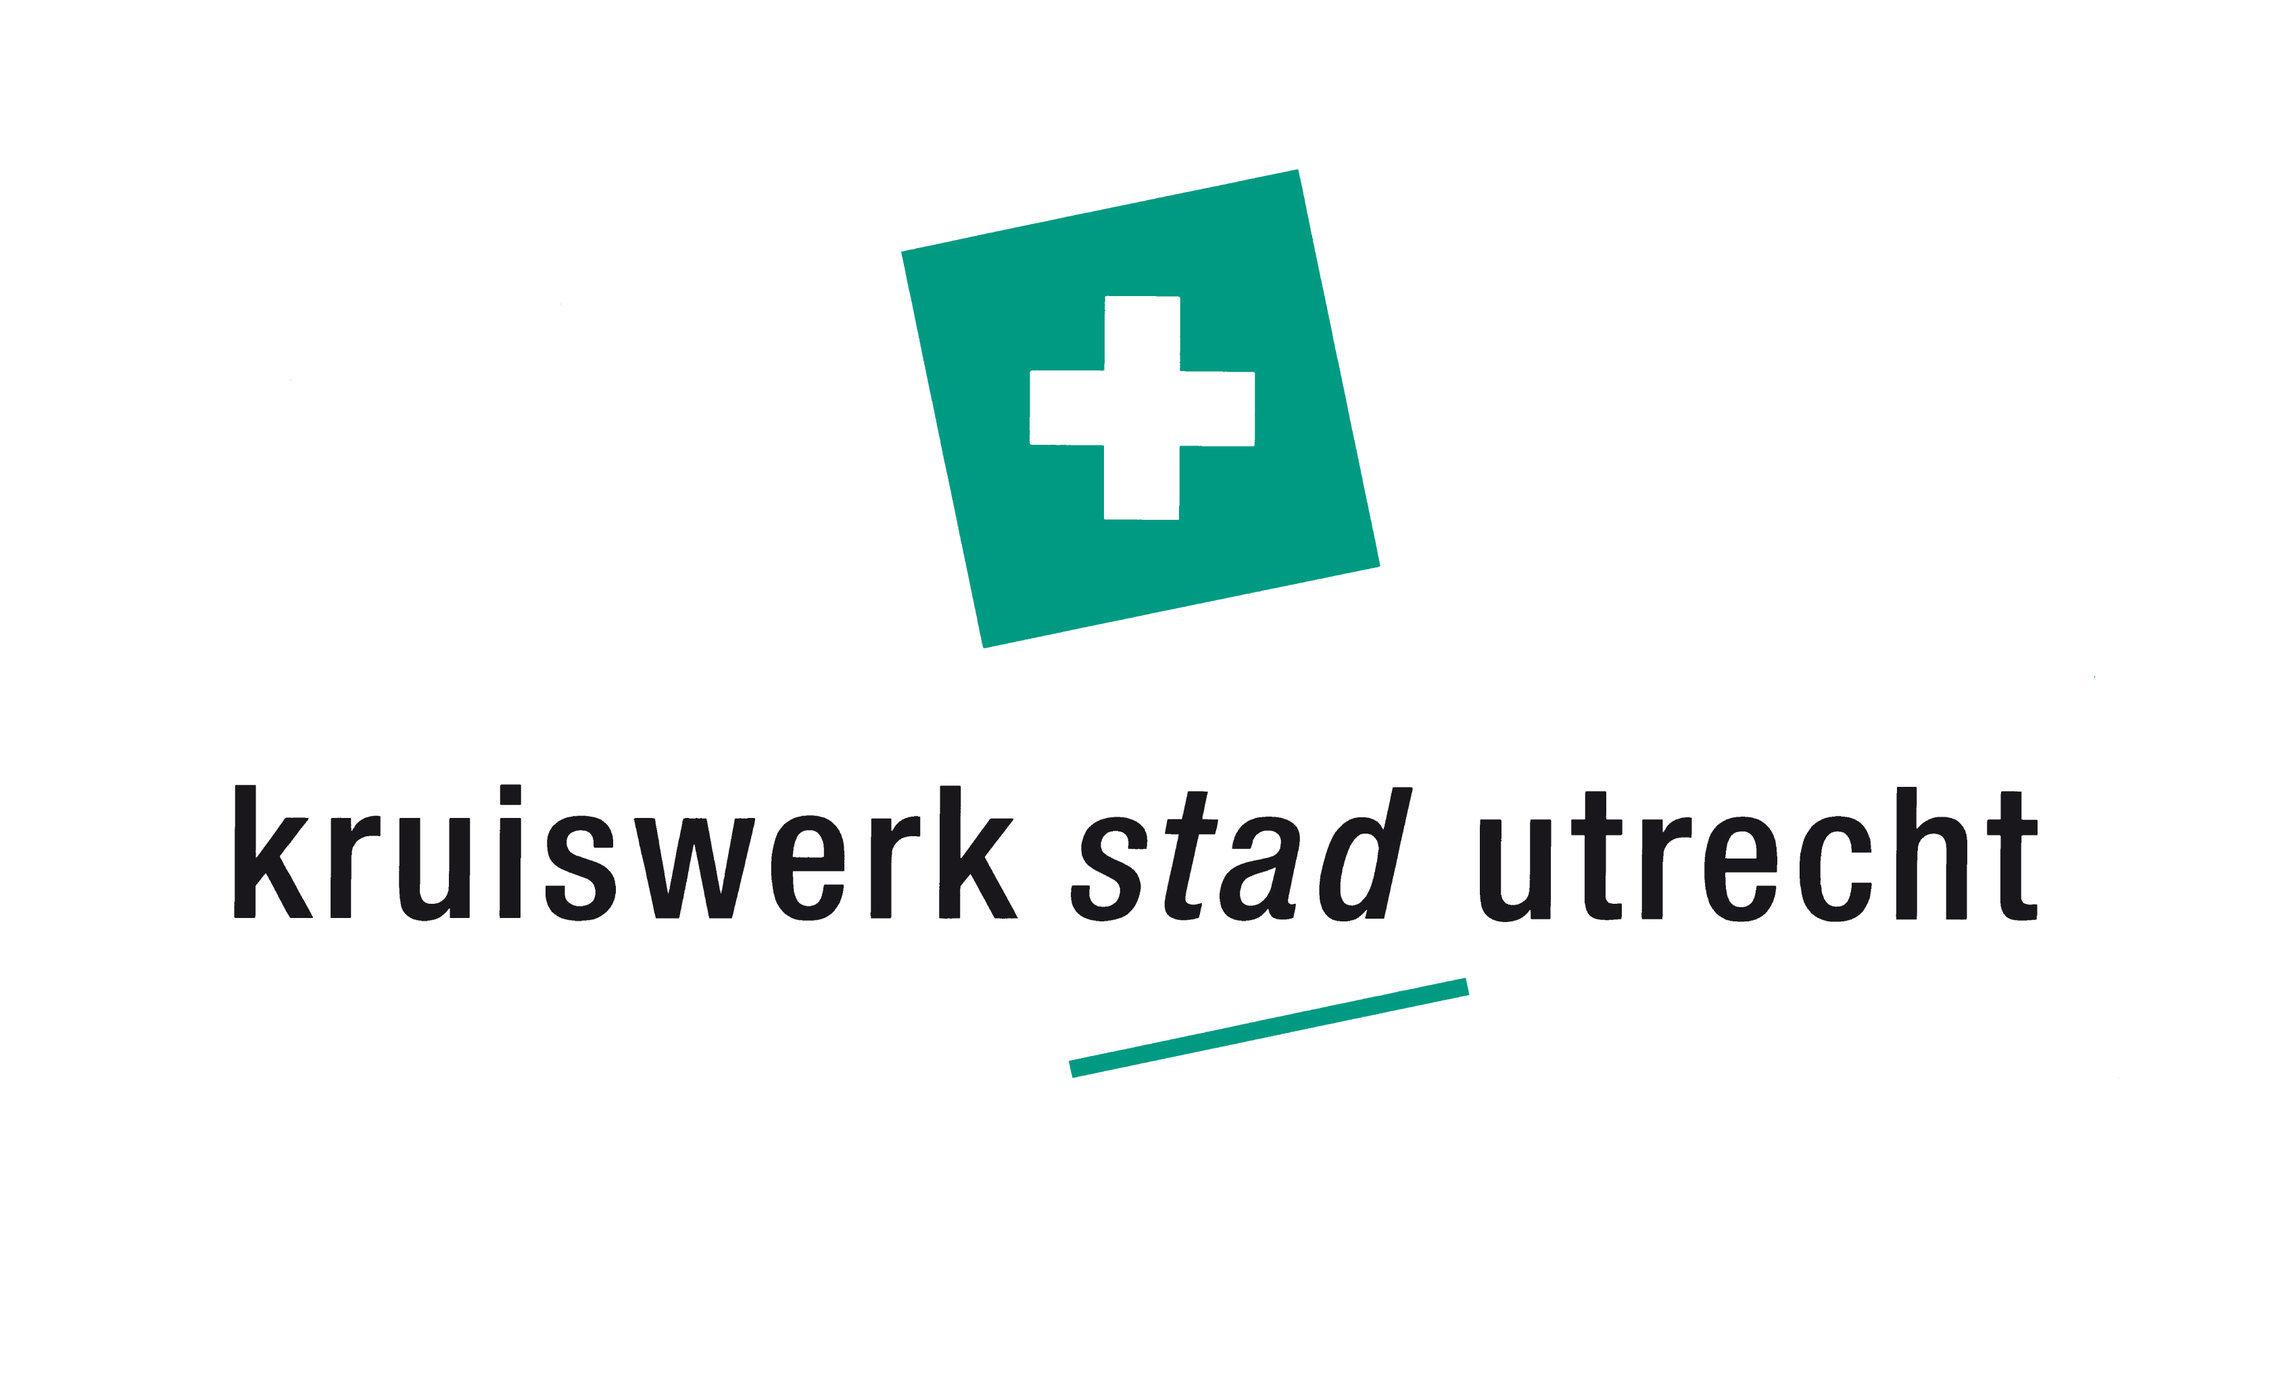 Kruiswerk Stad Utrecht